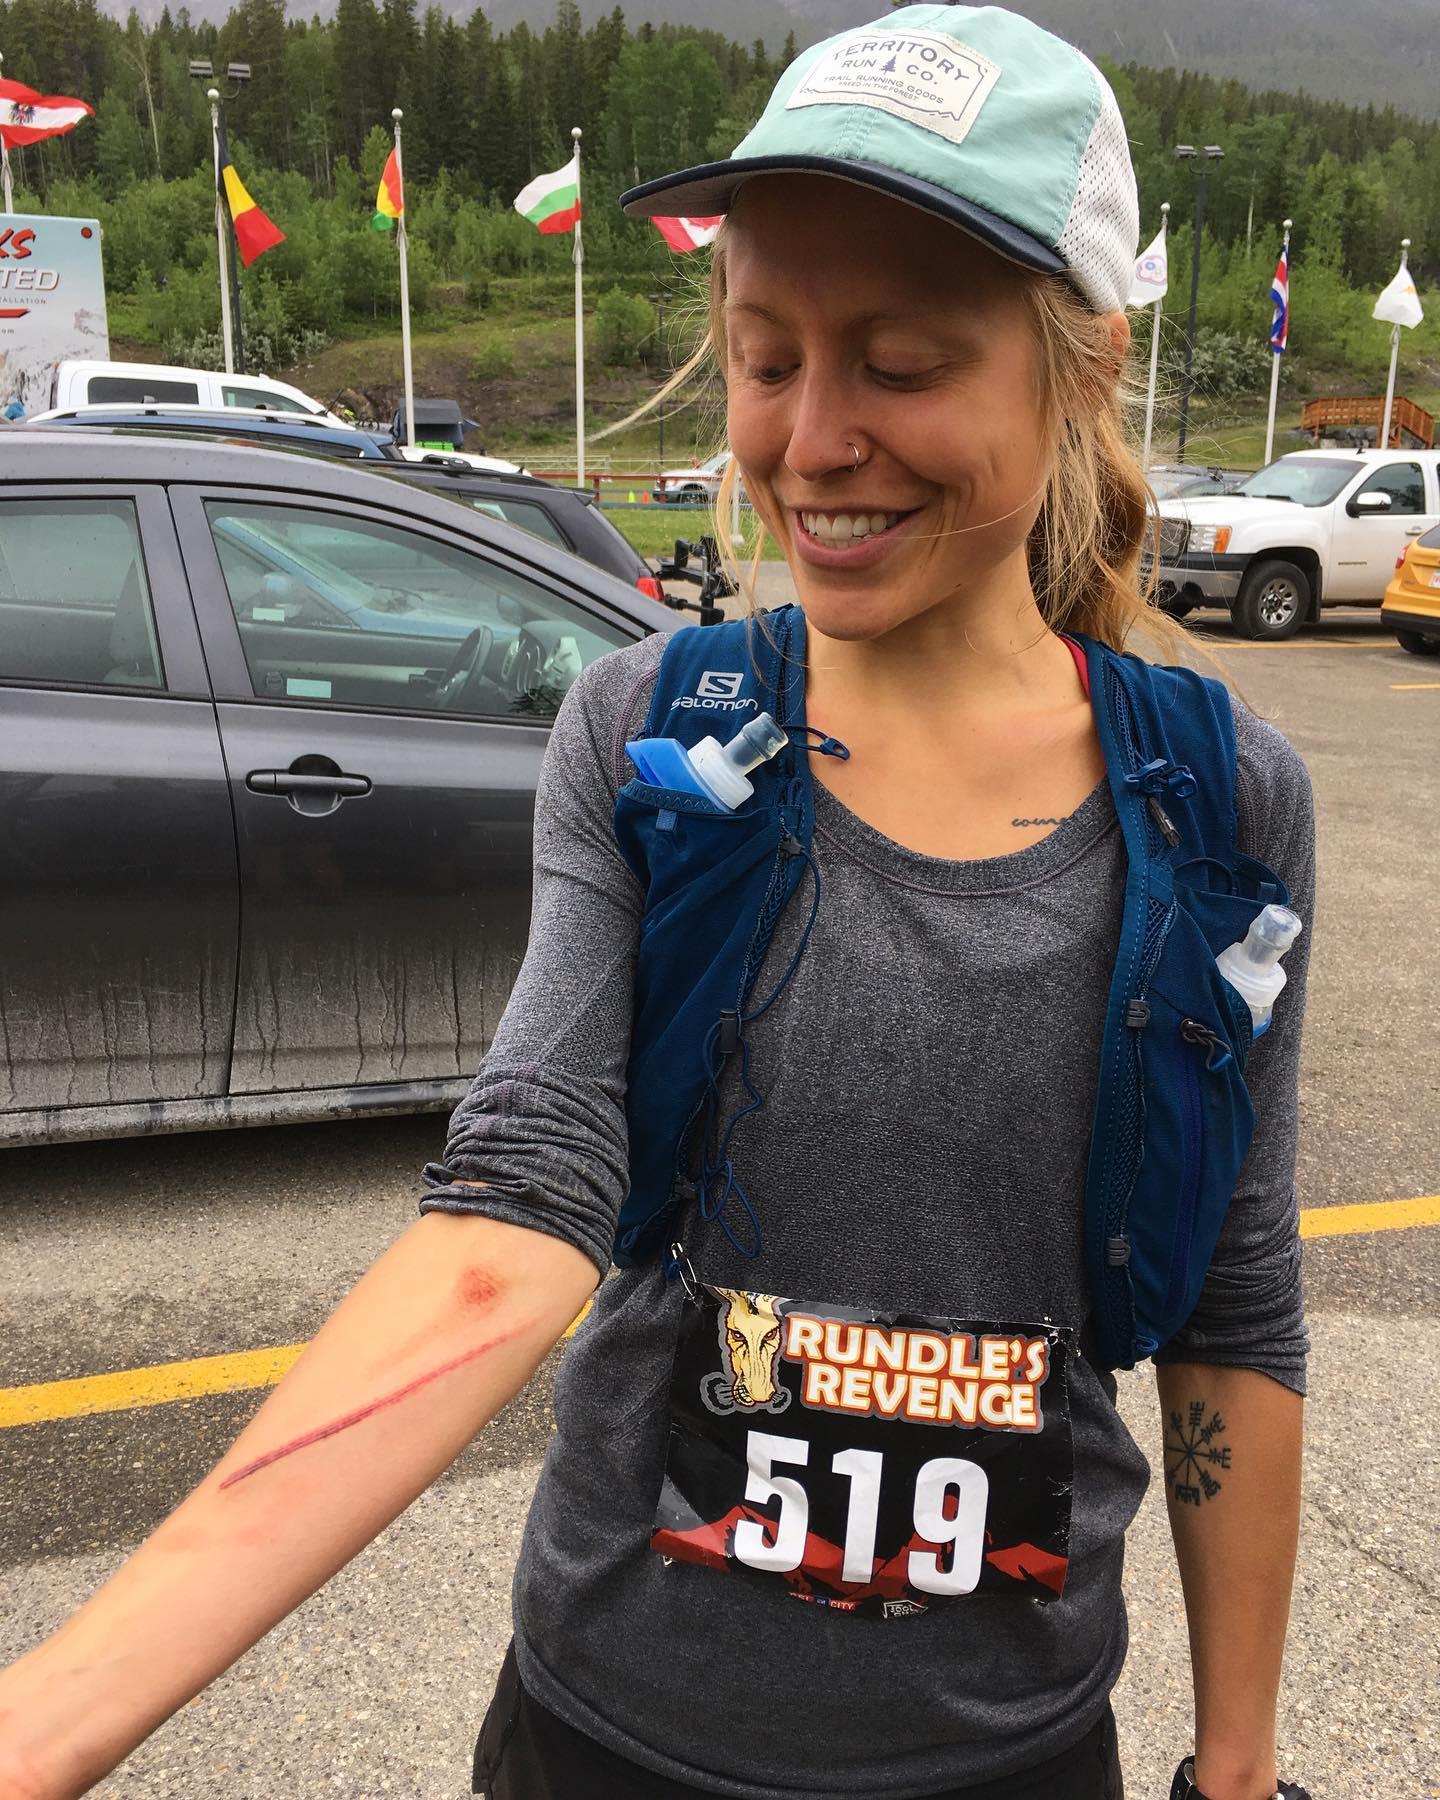 trail-ultra-runner